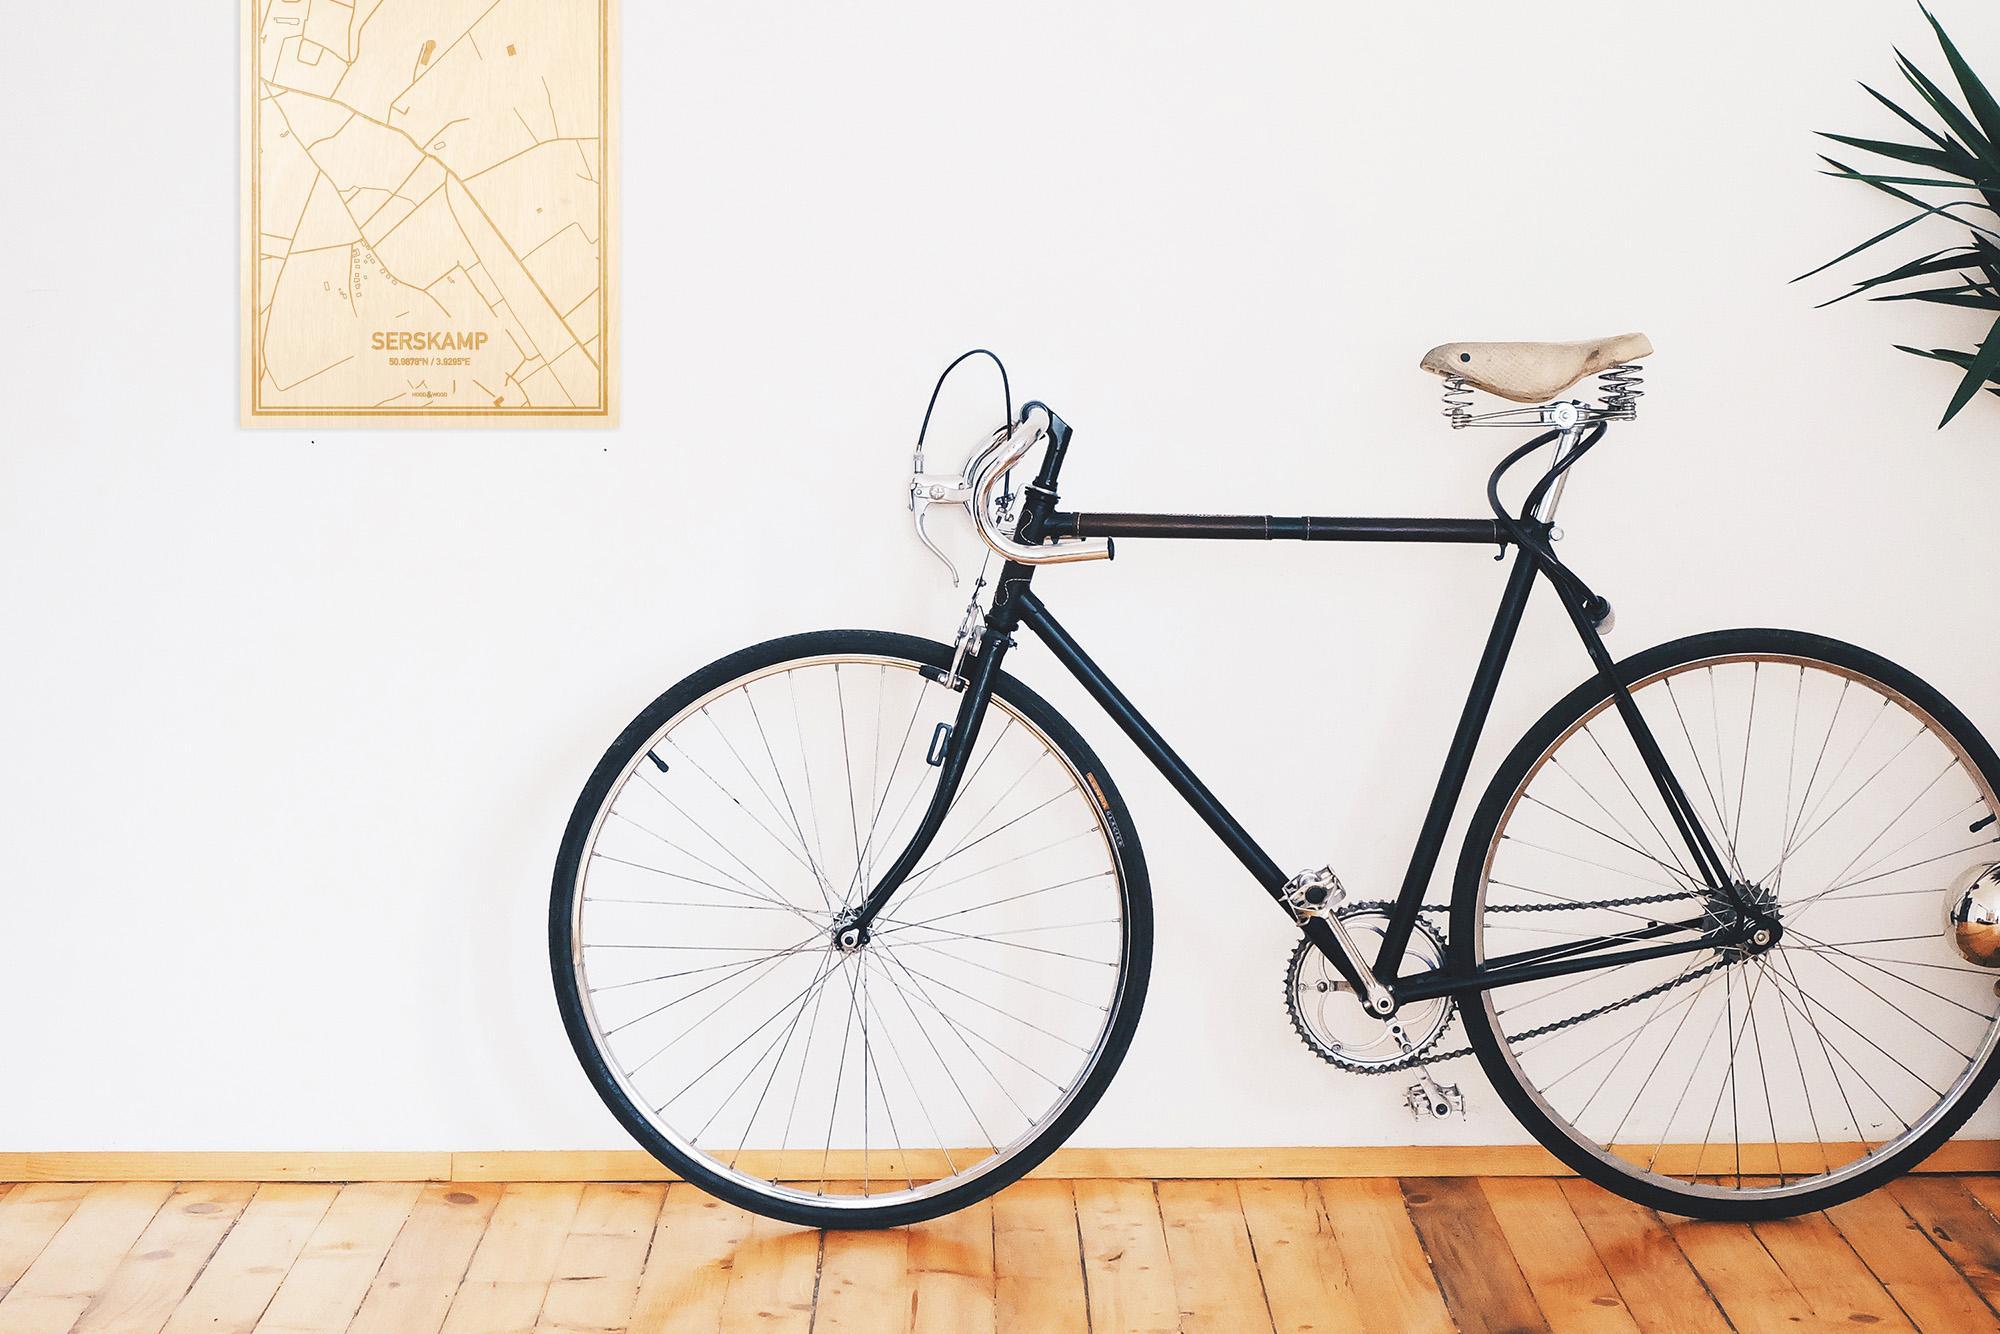 Een snelle fiets in een uniek interieur in Oost-Vlaanderen  met mooie decoratie zoals de plattegrond Serskamp.